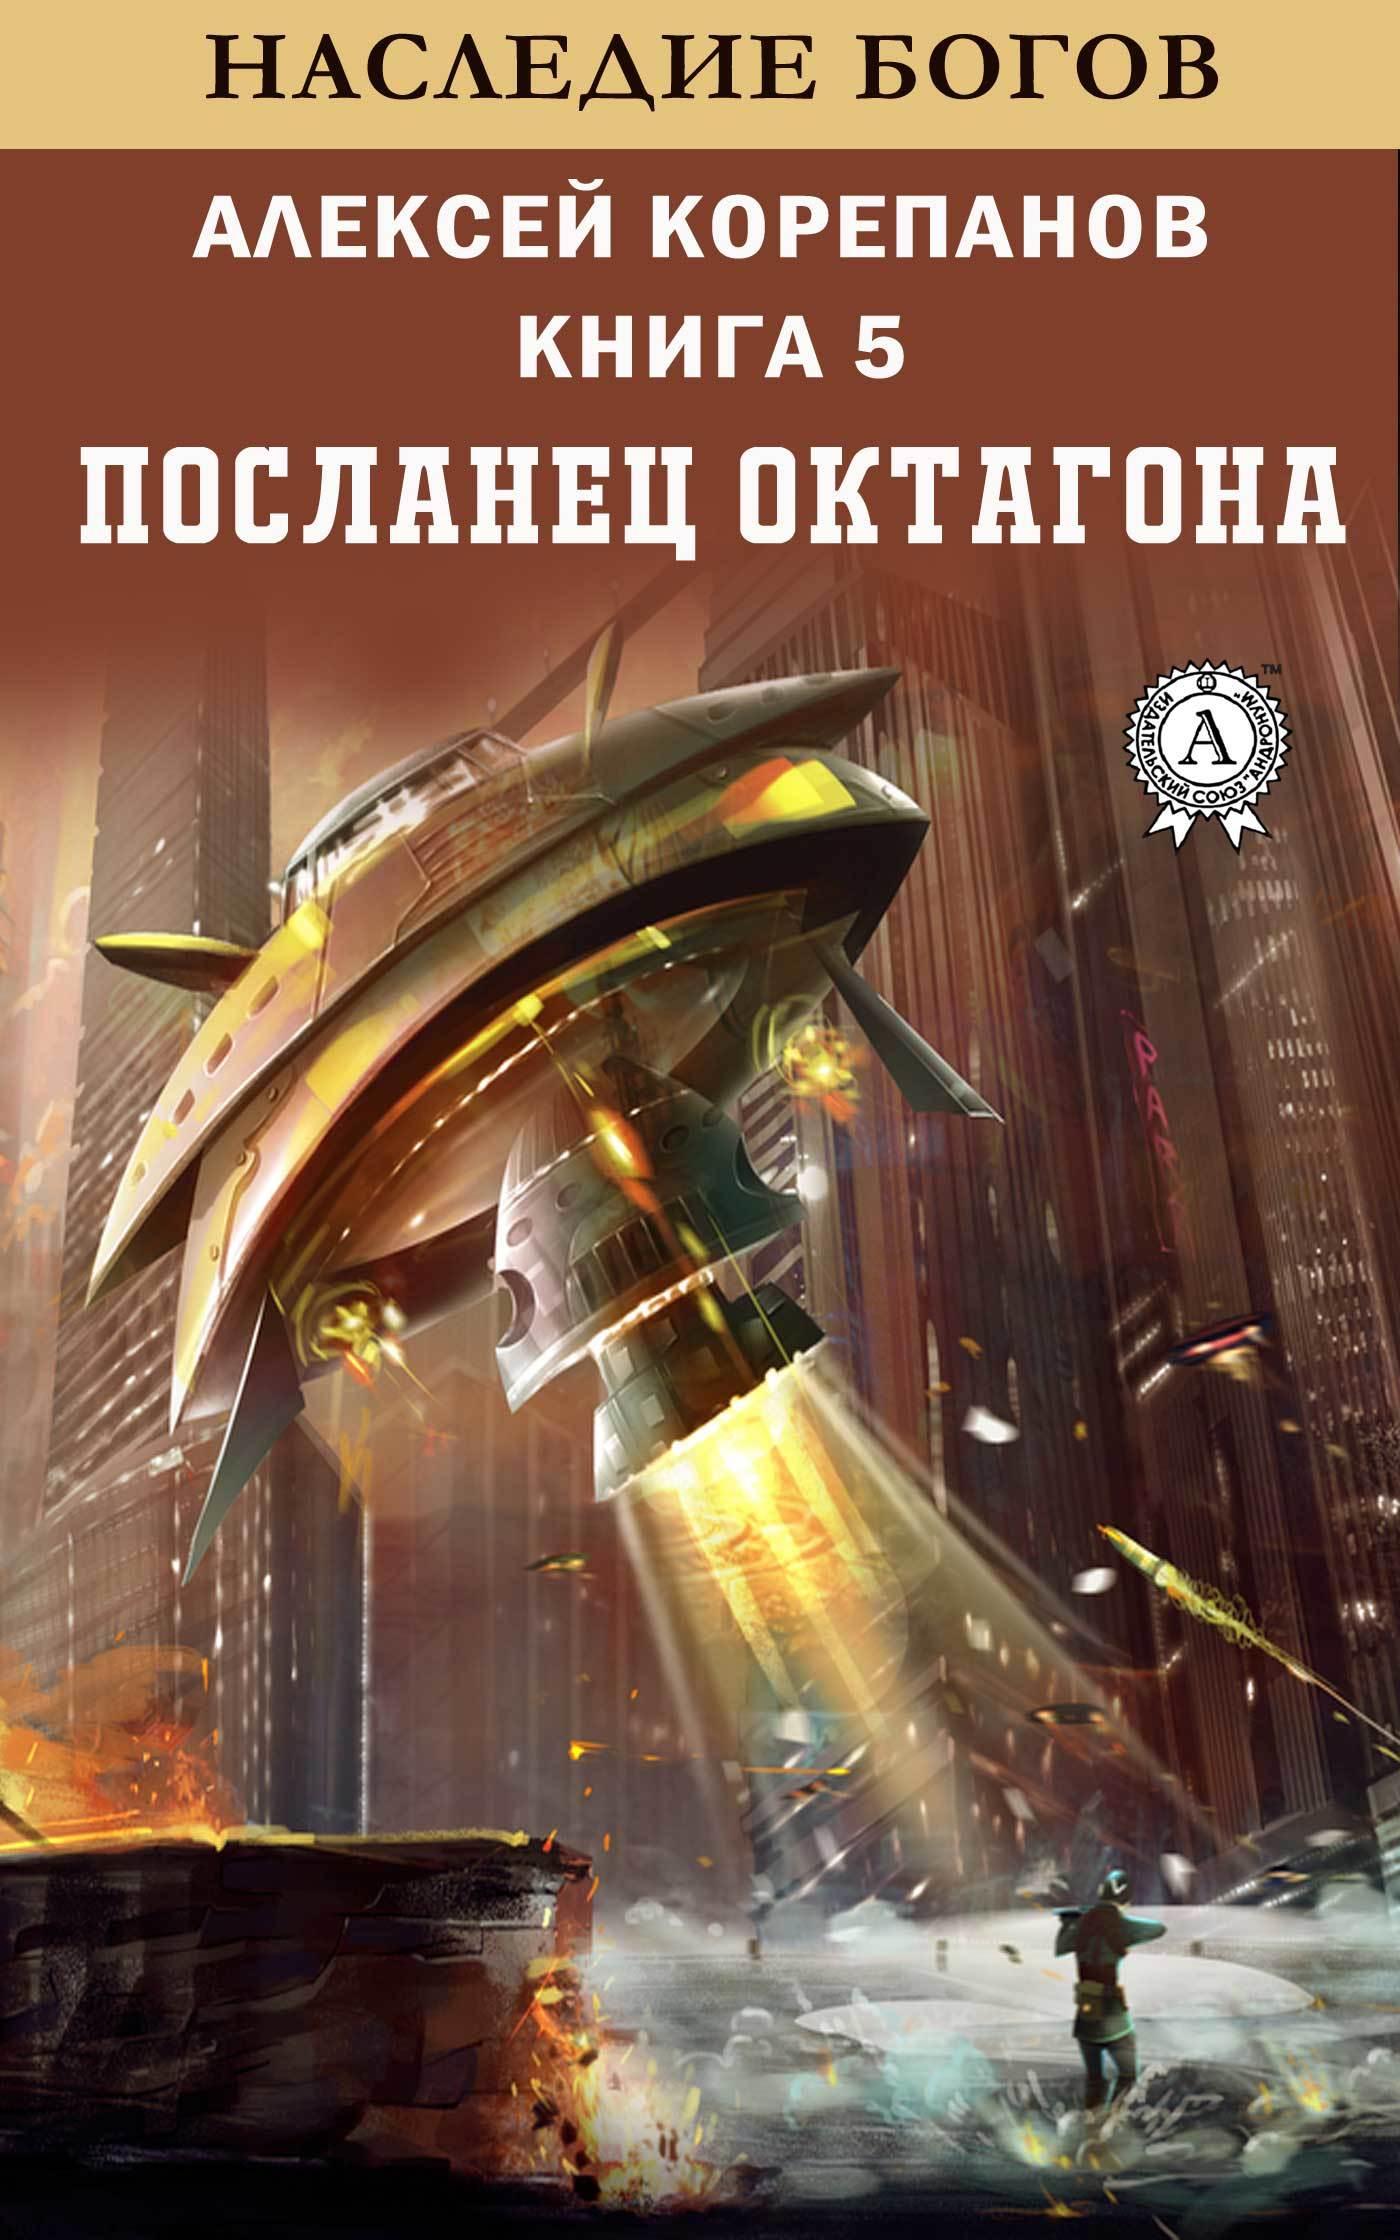 Купить книгу Посланец Октагона, автора Алексея Корепанова